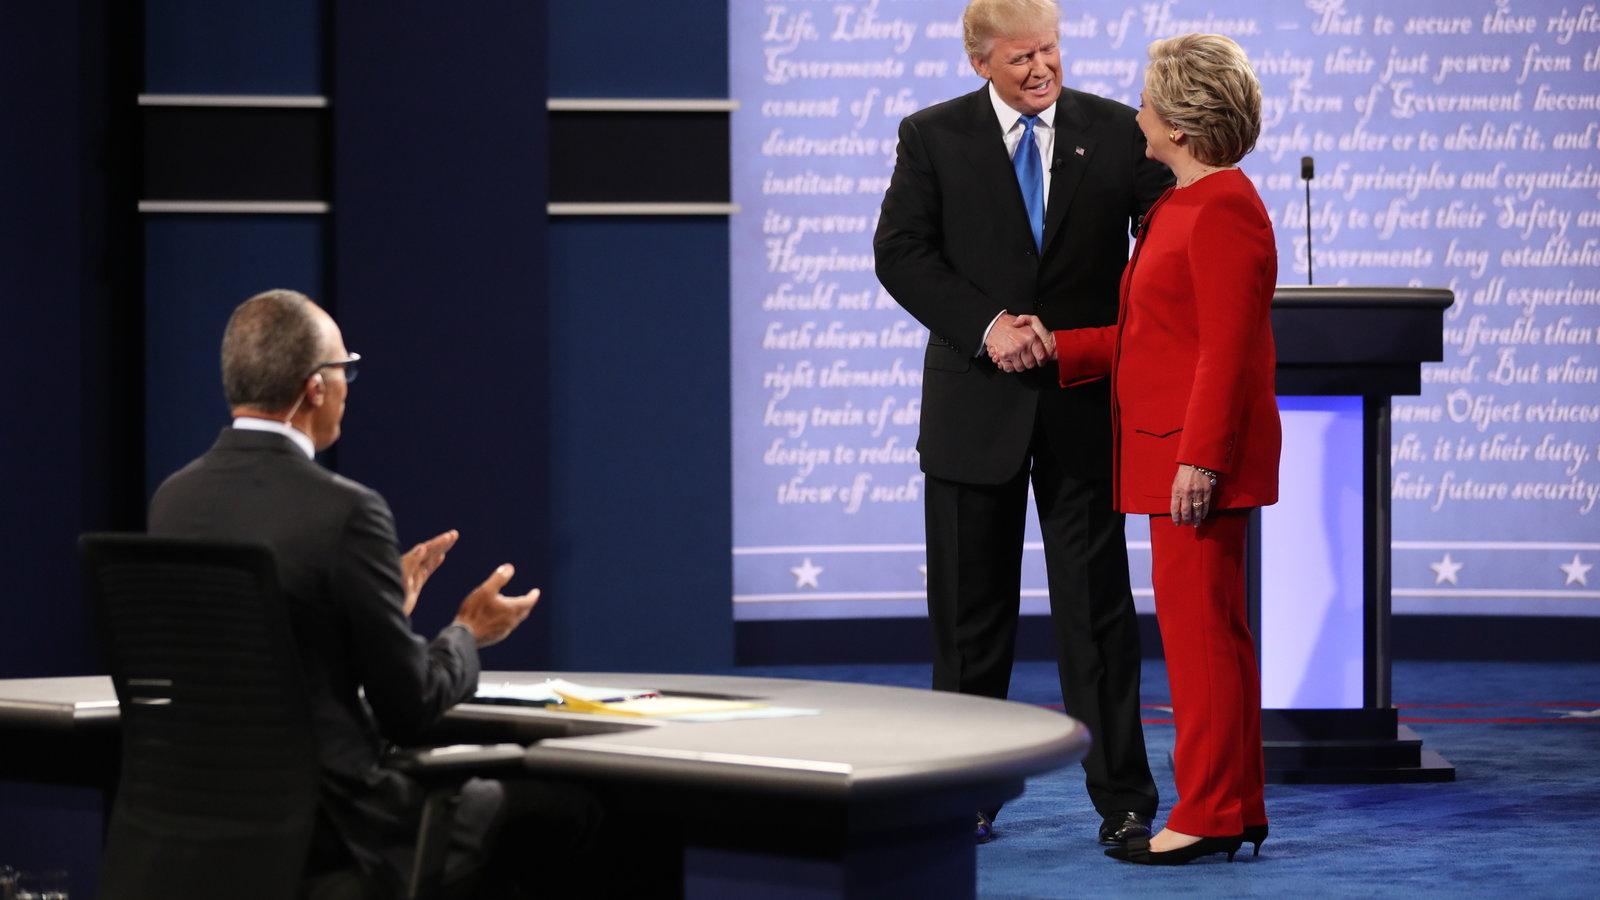 Bình chọn sau tranh luận trực tiếp: bà Clinton thắng ngọt - 3